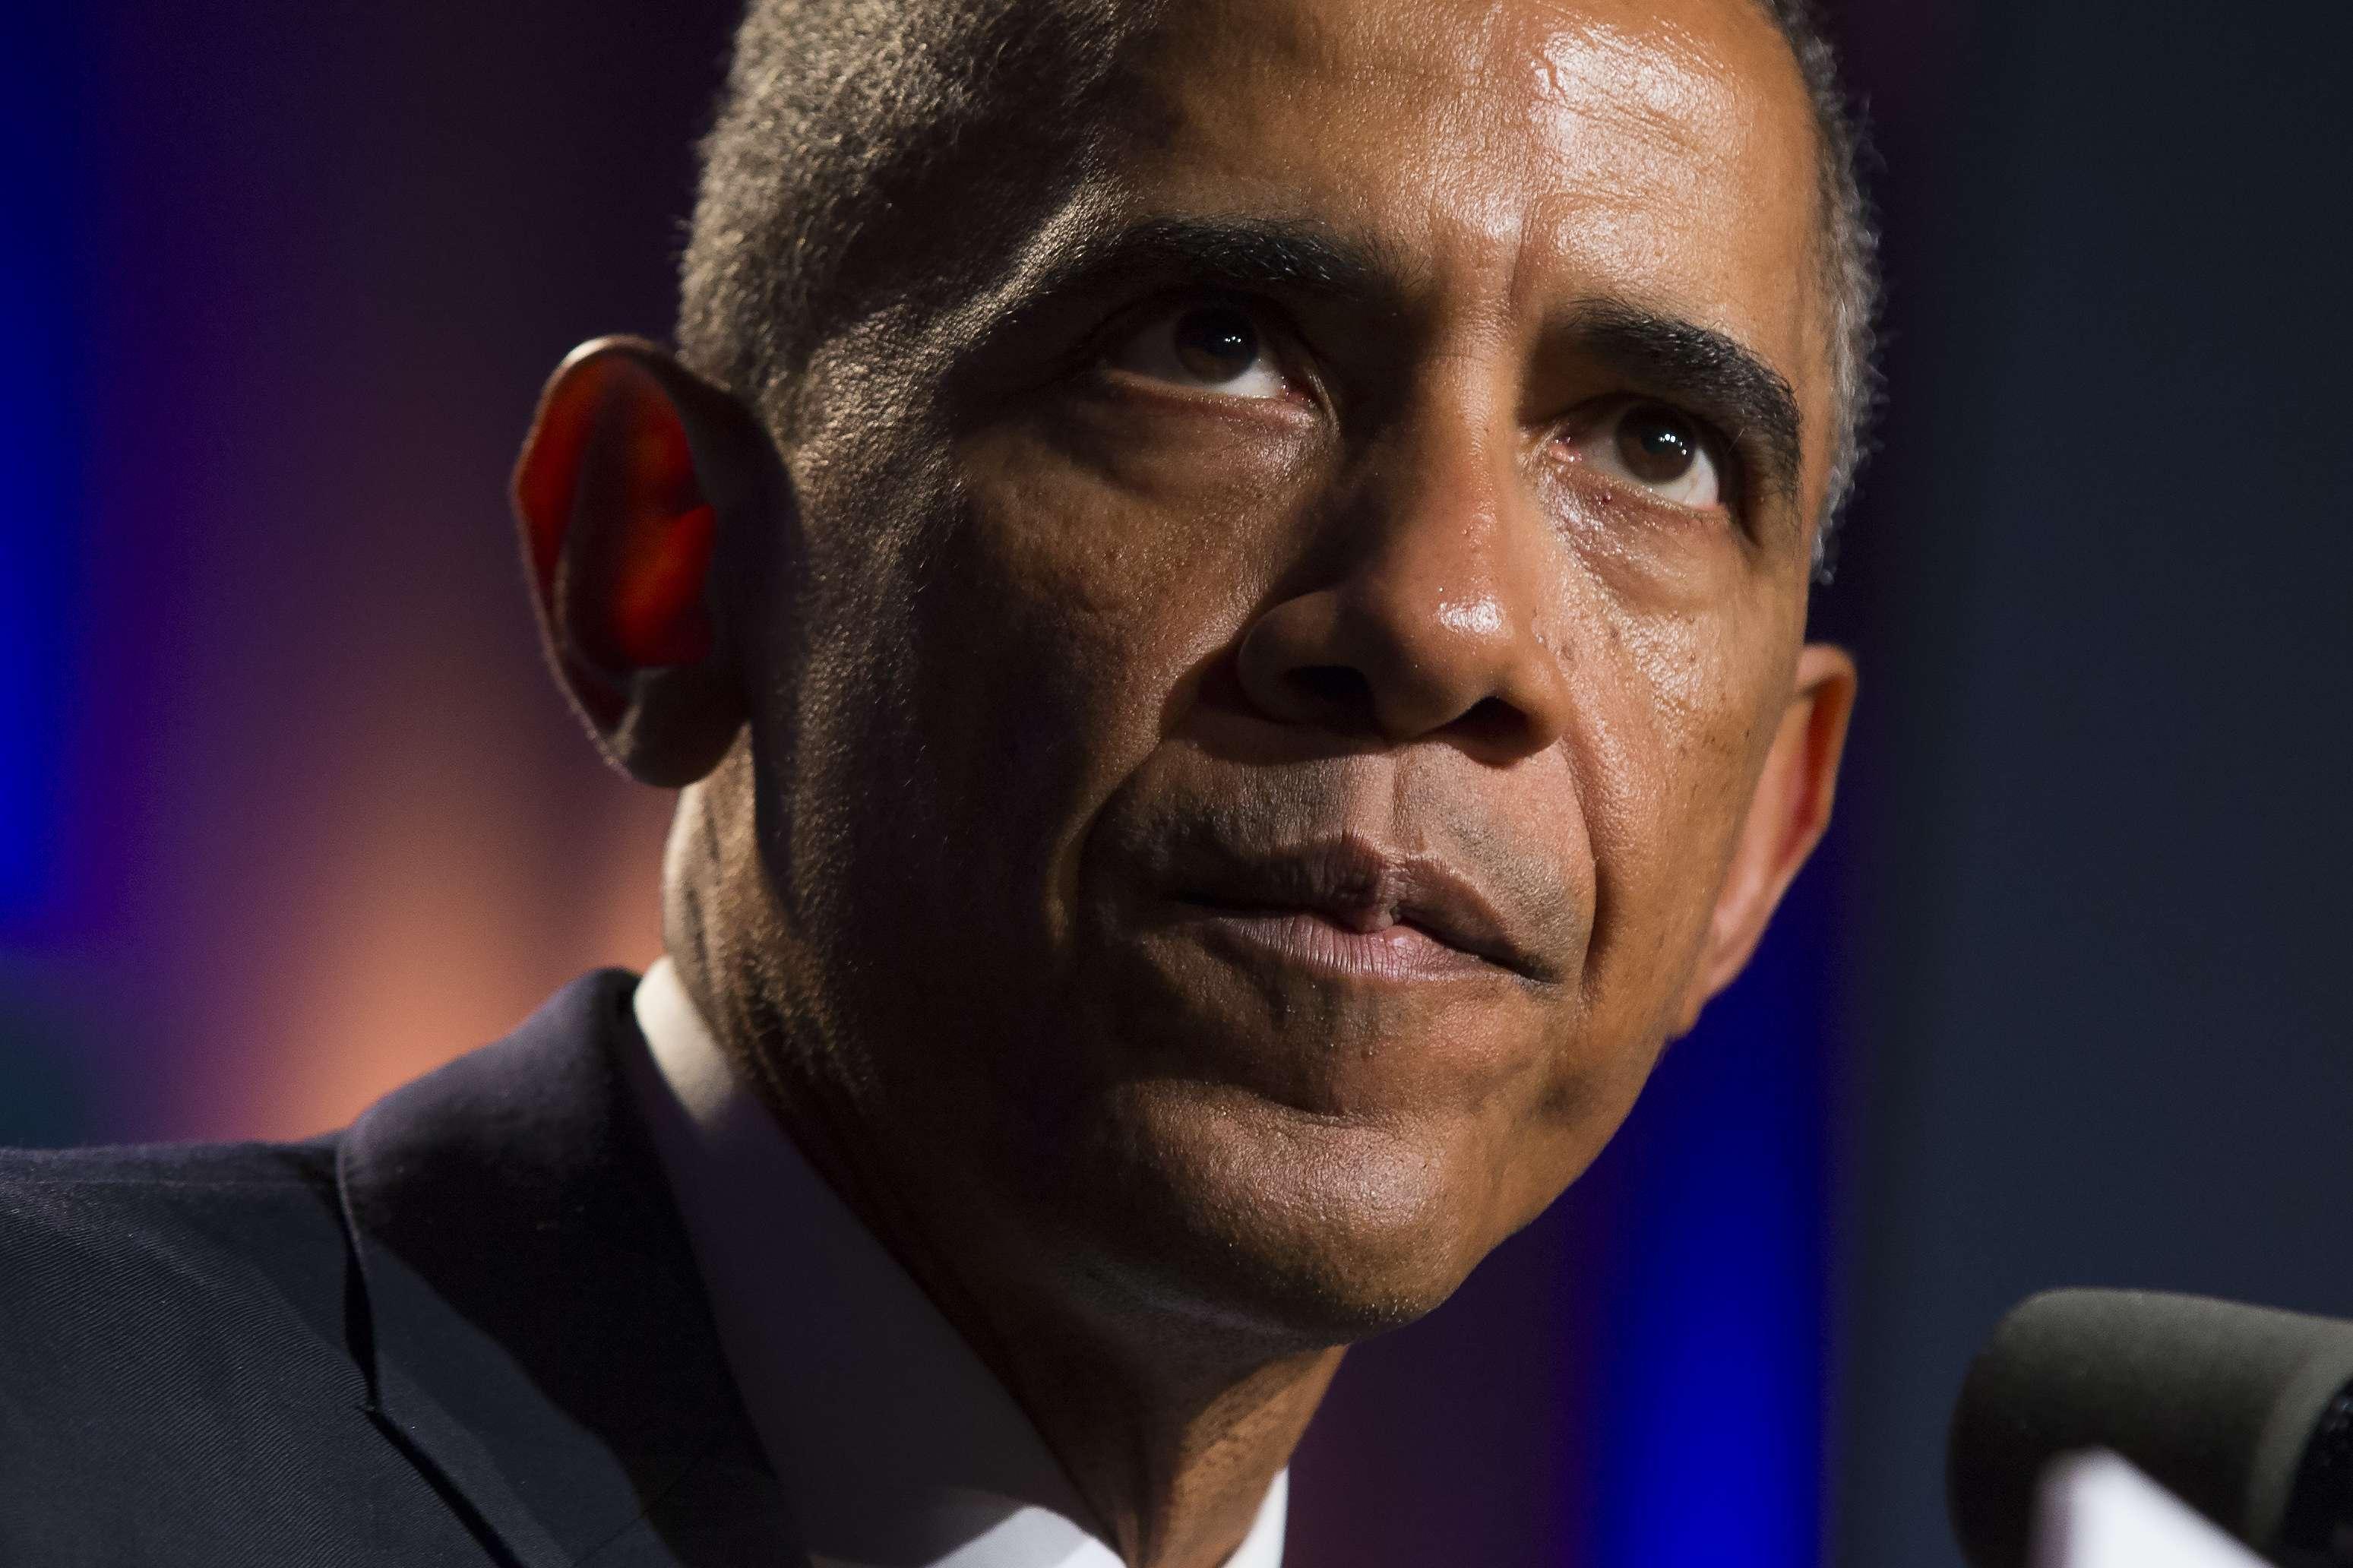 El presidente estadounidense Barack Obama en una foto de archivo del 19 de septiembre del 2014, en Washington. Foto: AP en español